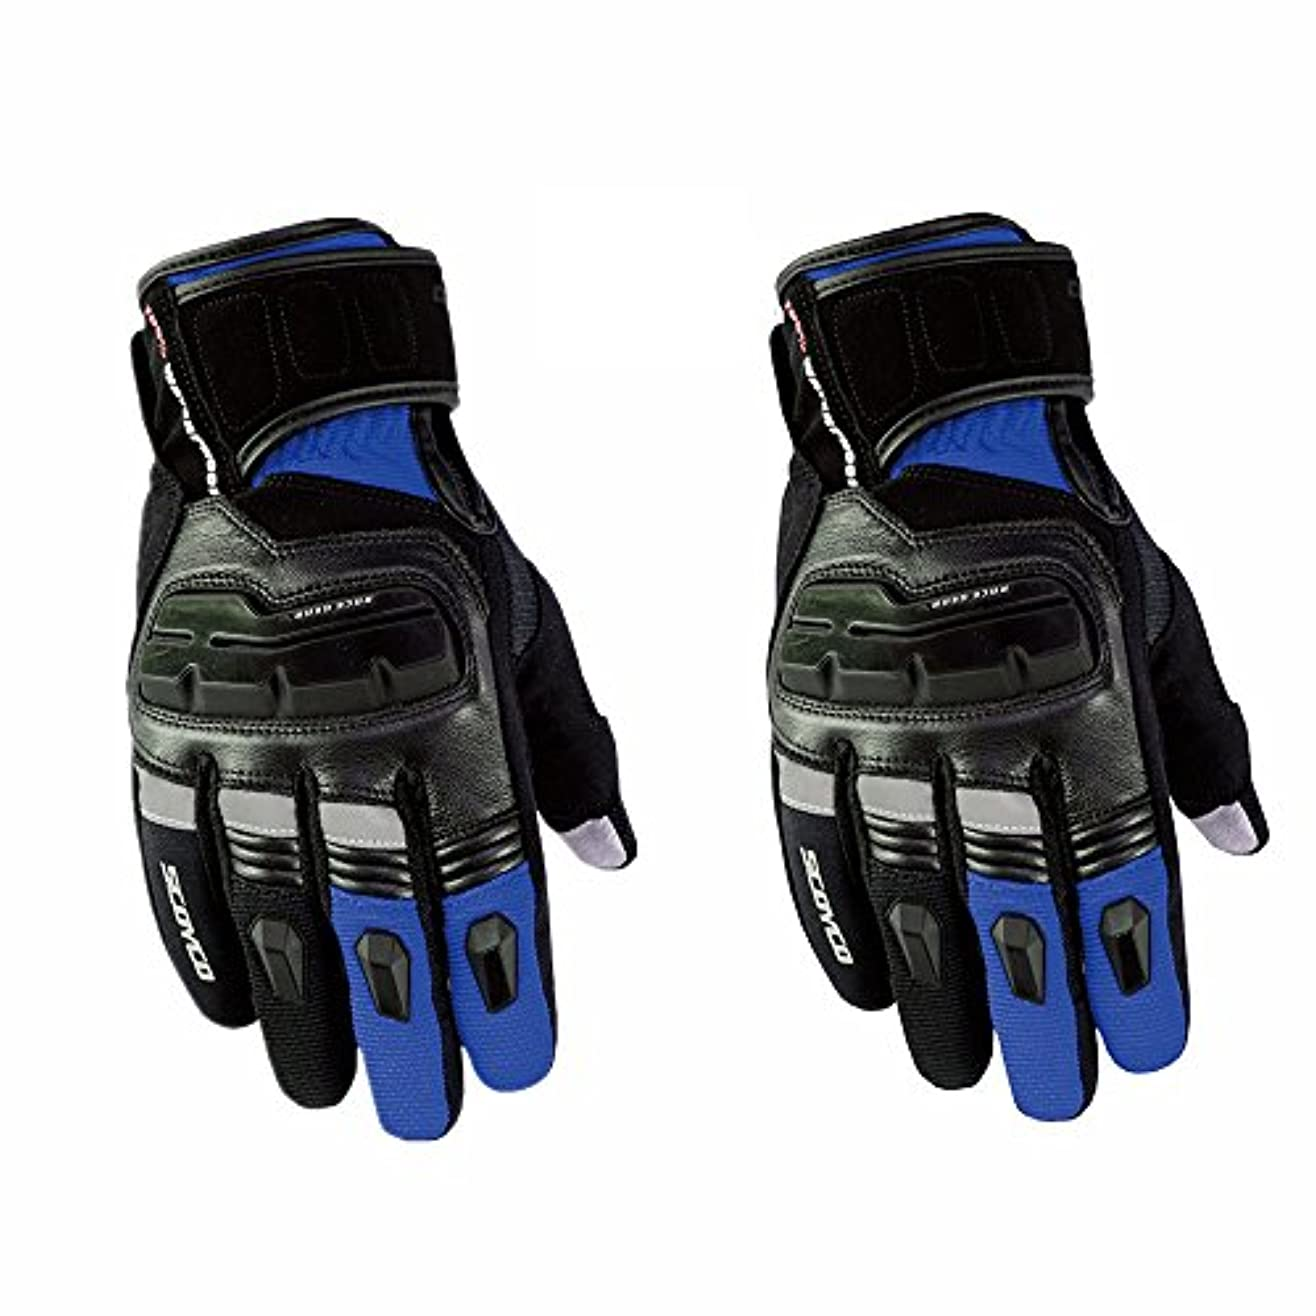 シンプルさ増加する出撃者手のひら保護手袋 保護バイク用手袋 自転車 マウンテンバイク 男性手袋 に適用する バイク 自転車 レーシング 維持しやすい (色 : 青, サイズ : XL)